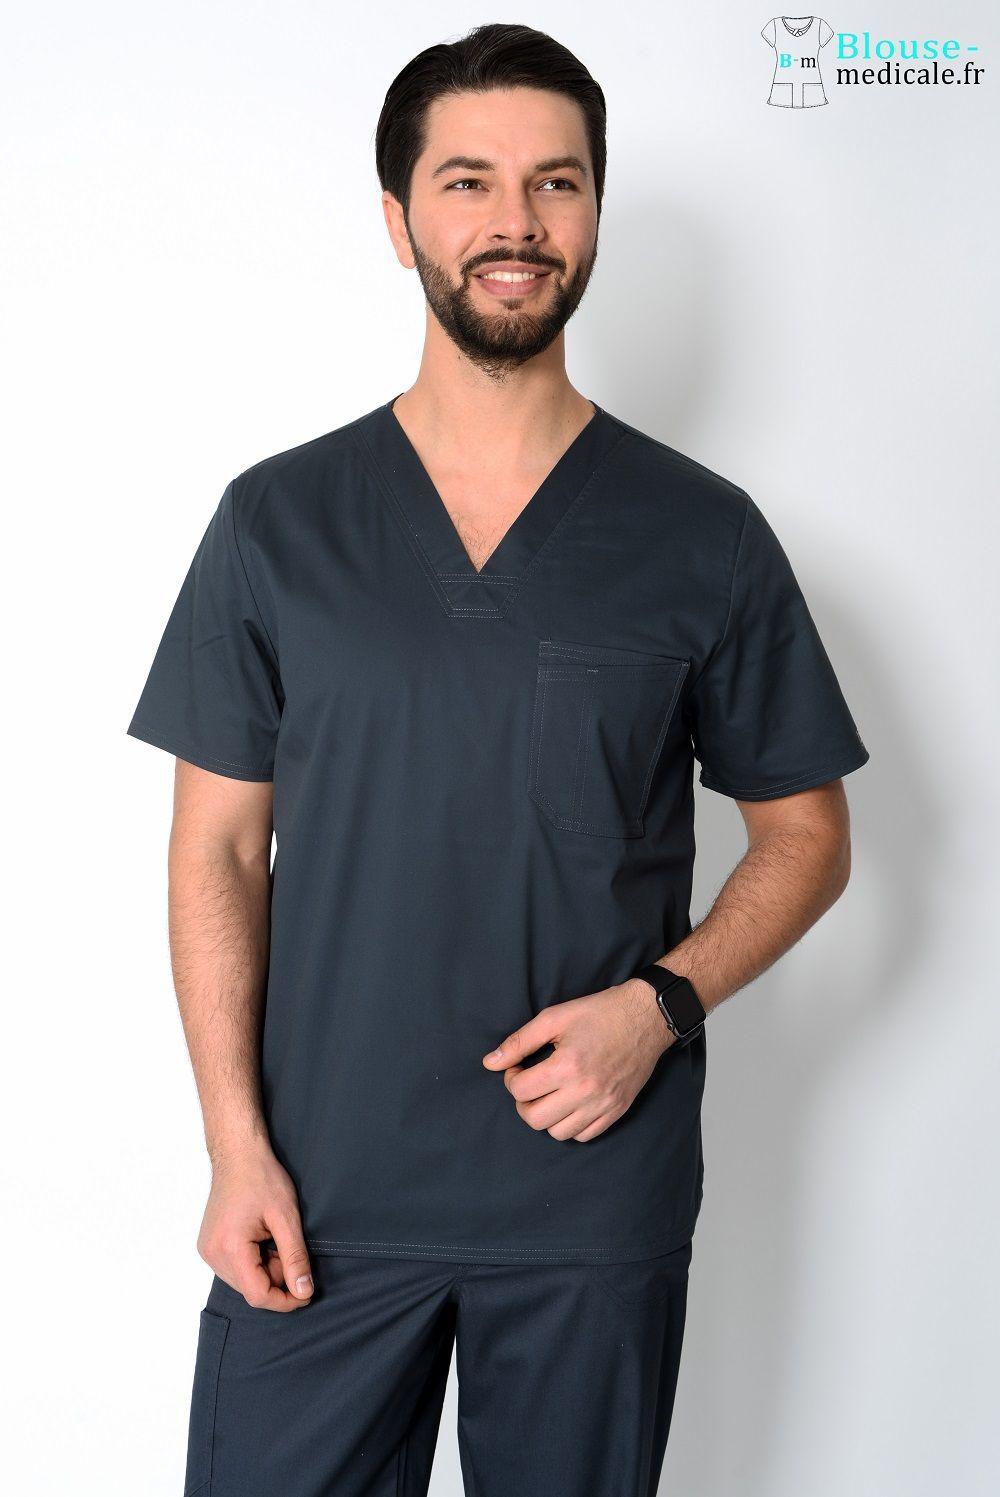 blouse medicale homme couleur cherokee gris foncé